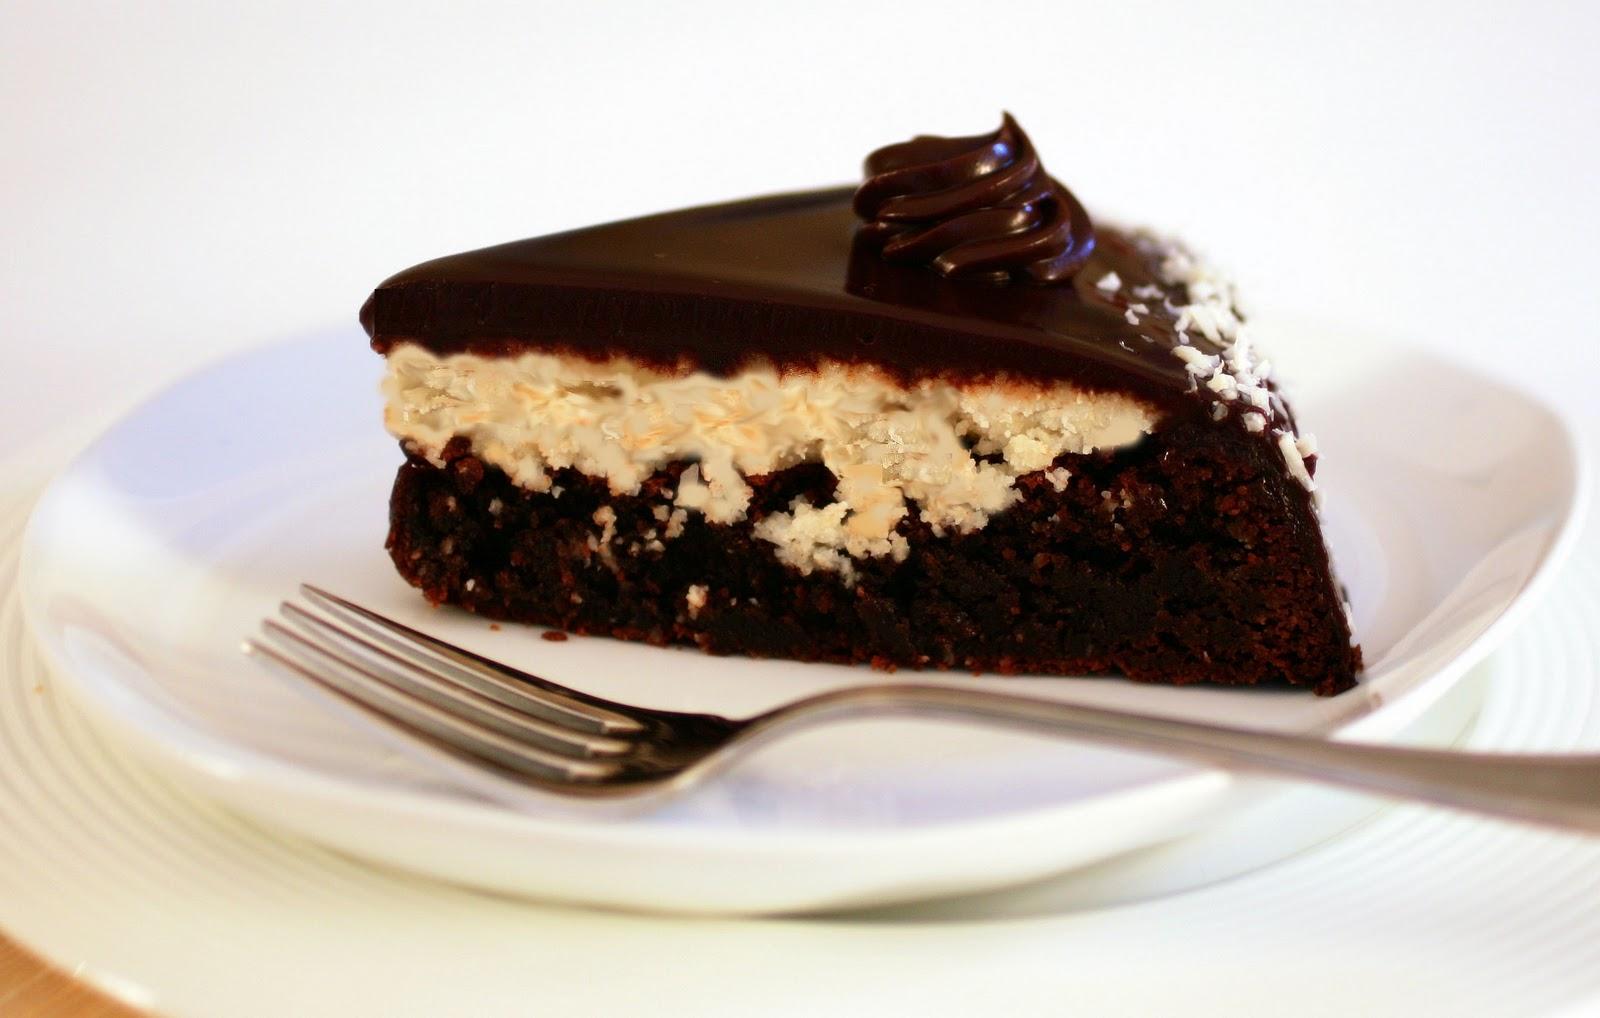 gateau-bounty-chocolat-amande-et-noix-de-coco2